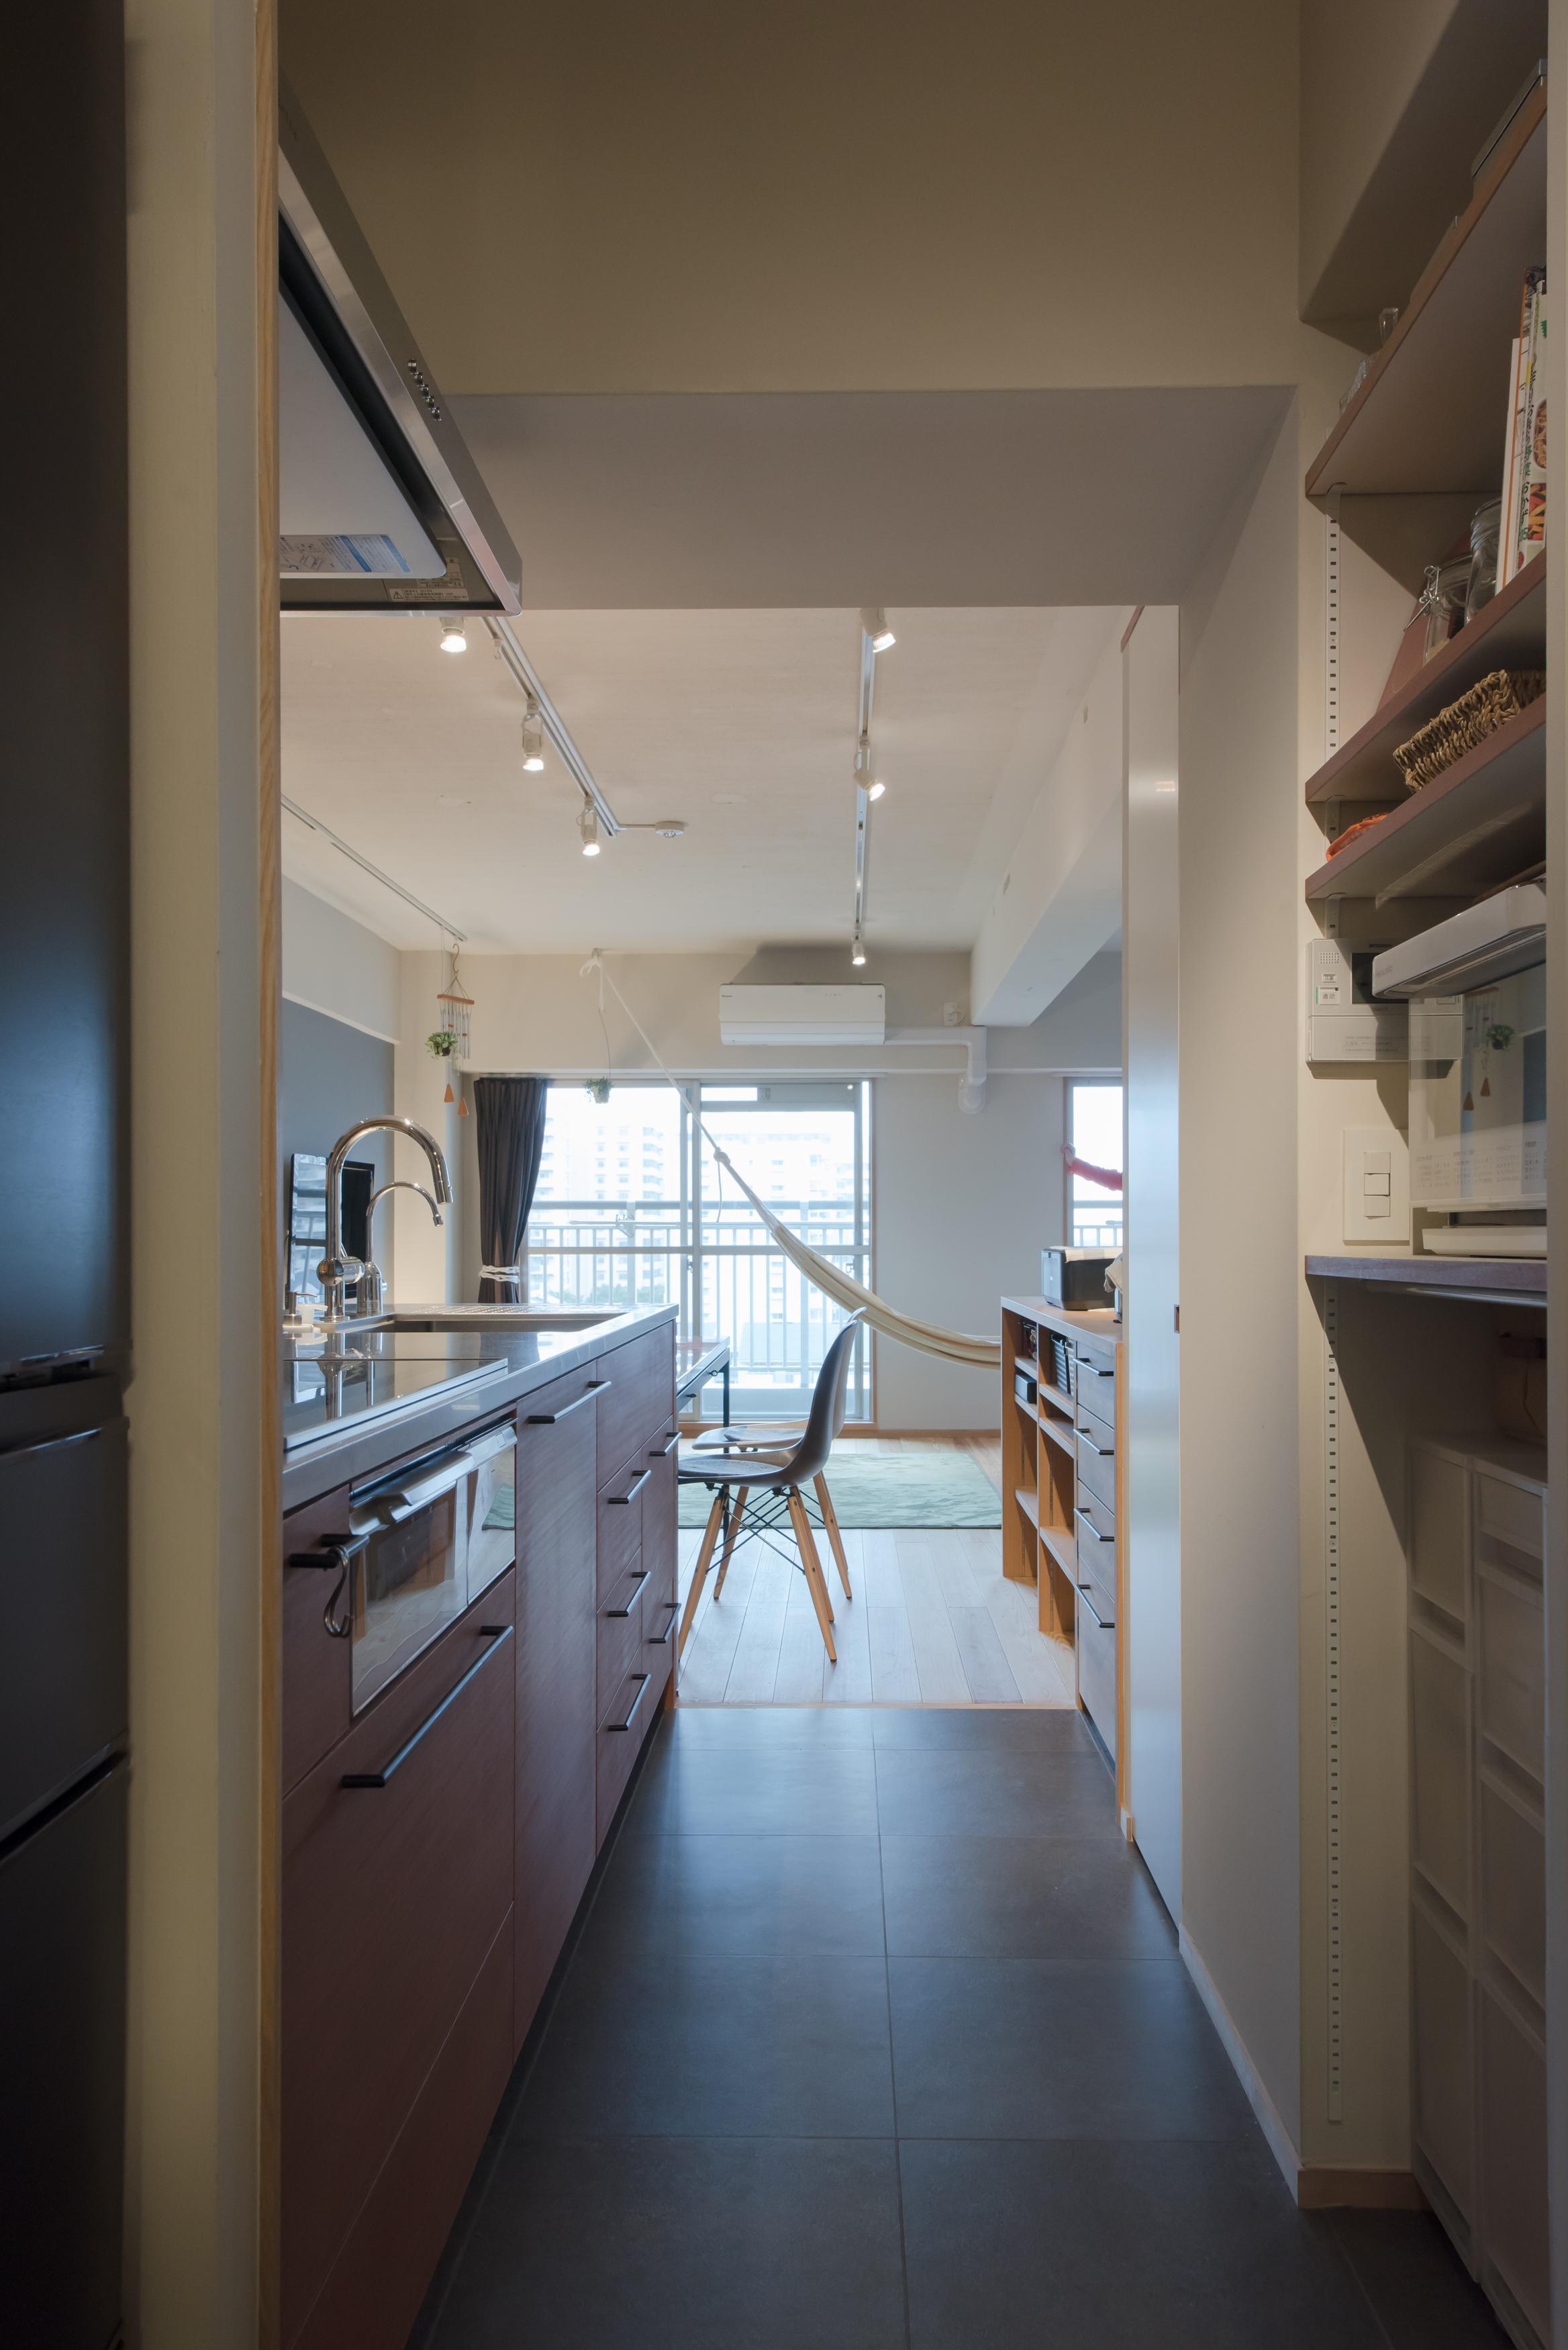 キッチンカウンター、キッチン、リノベーション、キッチン収納、マンションリノベーション、ハンズデザイン一級建築士事務所